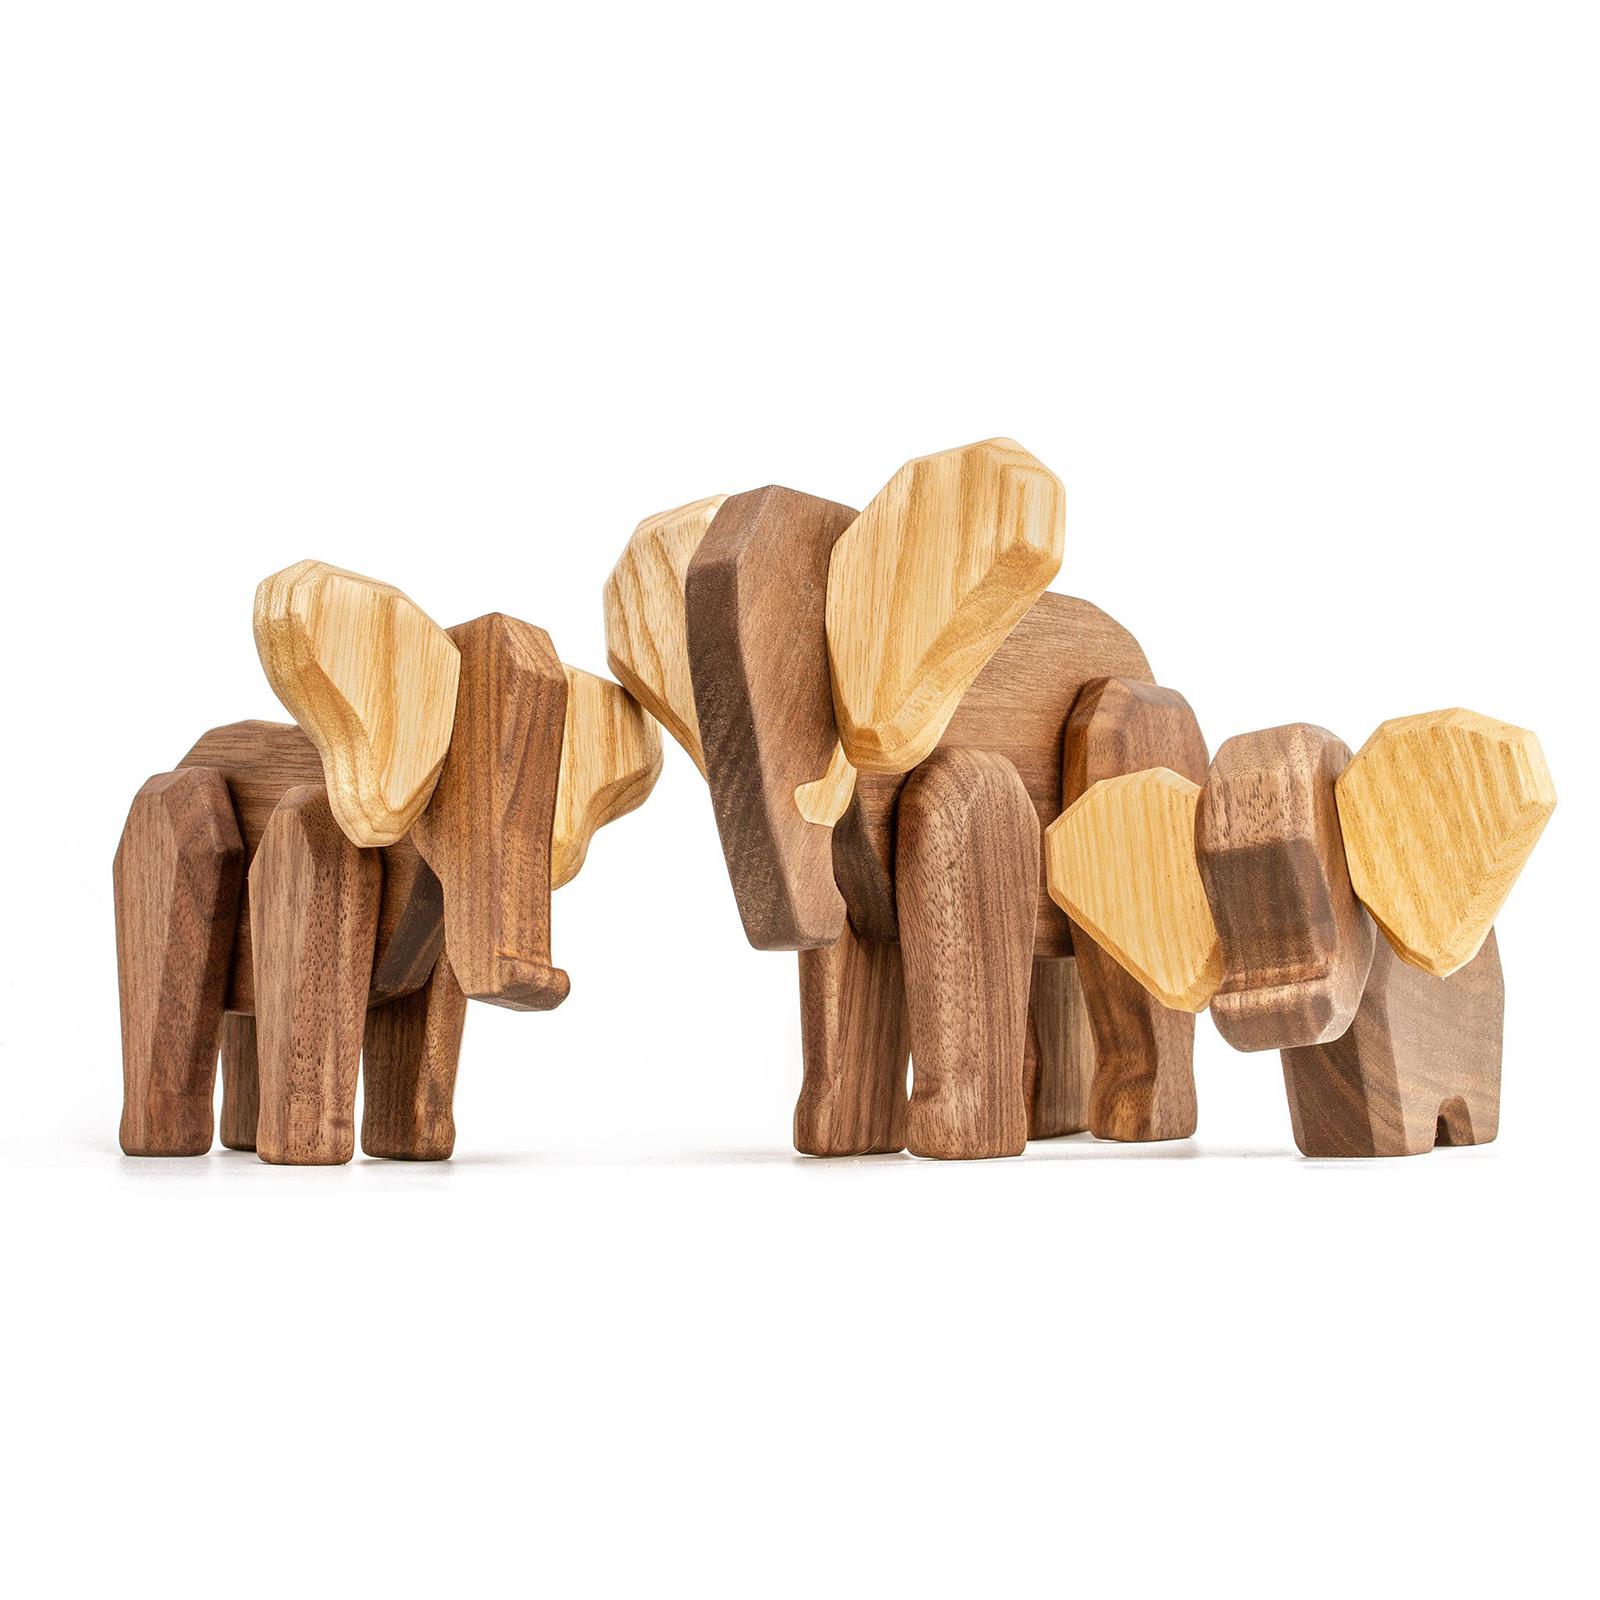 Elefant familie - Fablewood - dansk design - traefigurer - gaveide